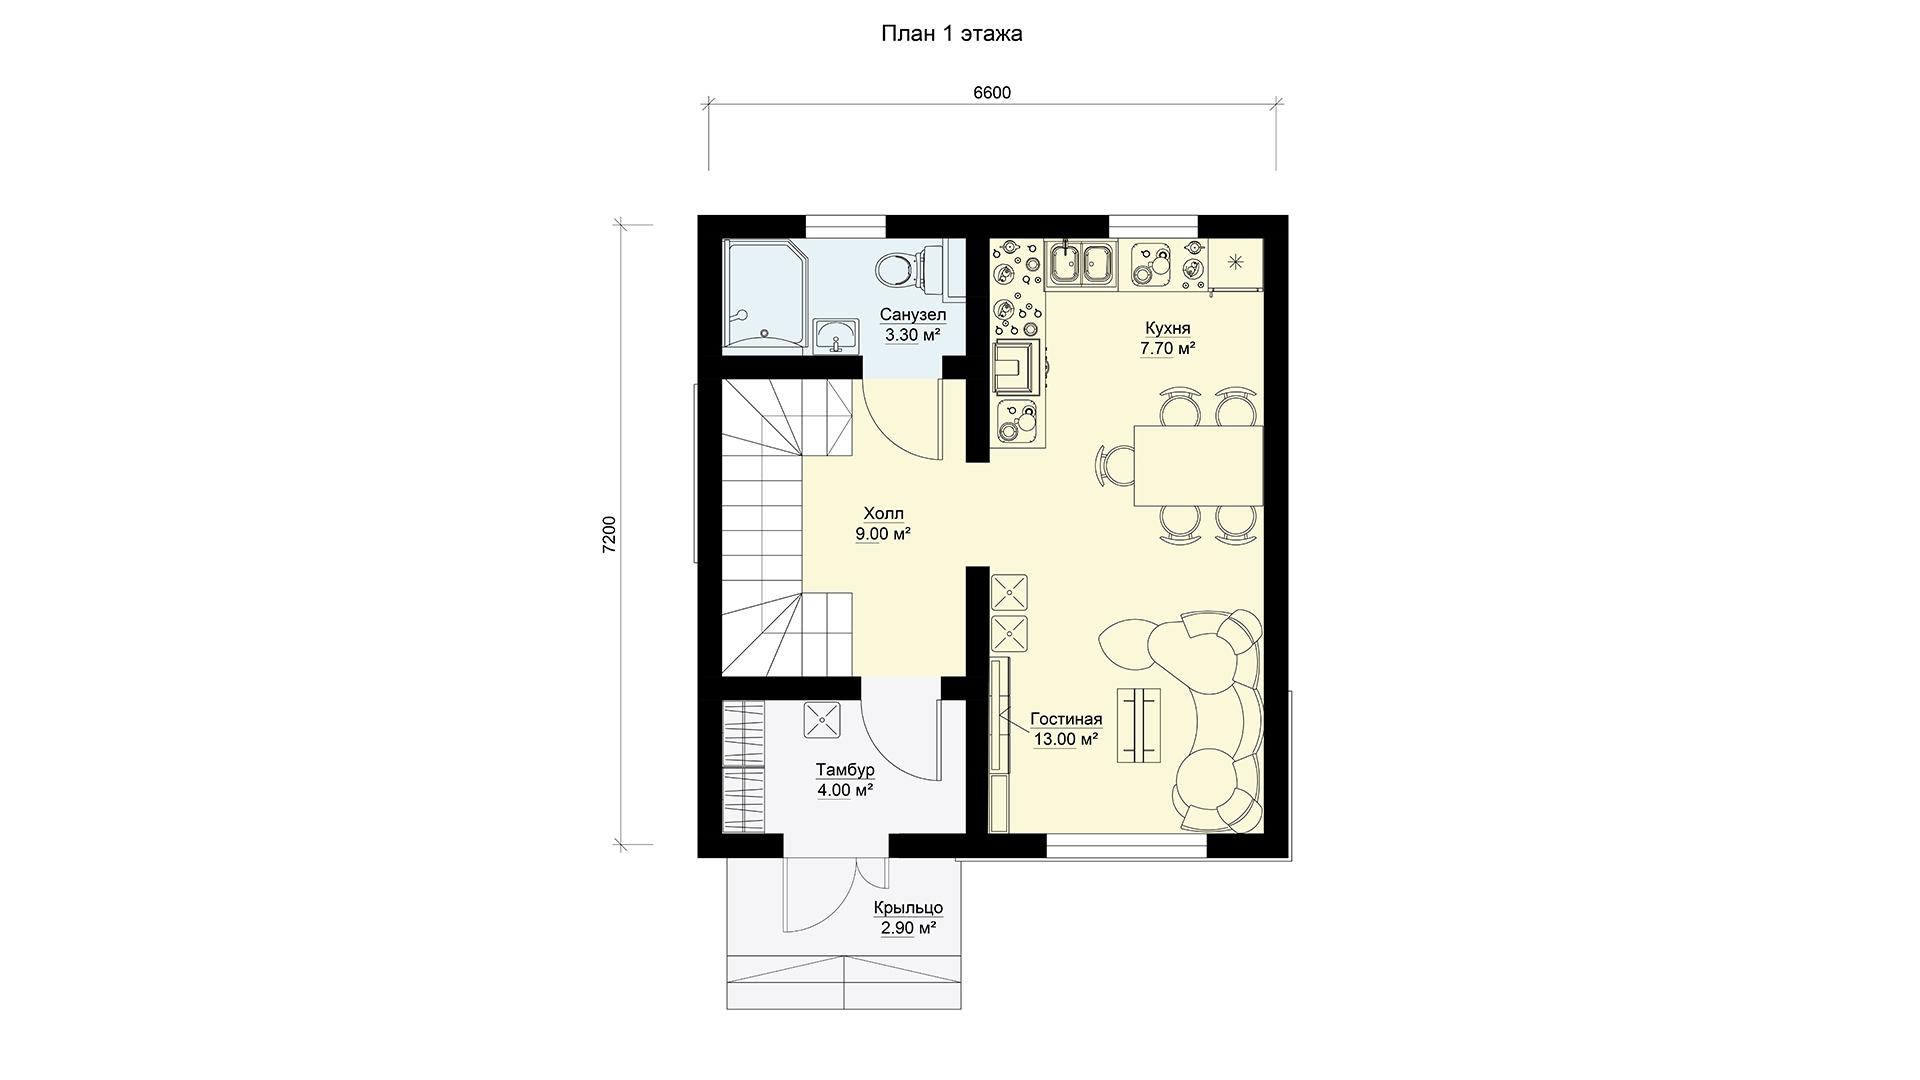 План первого этажа двухэтажного дома 6 на 7 двухэтажного, проект БЭНПАН МС-95/1.